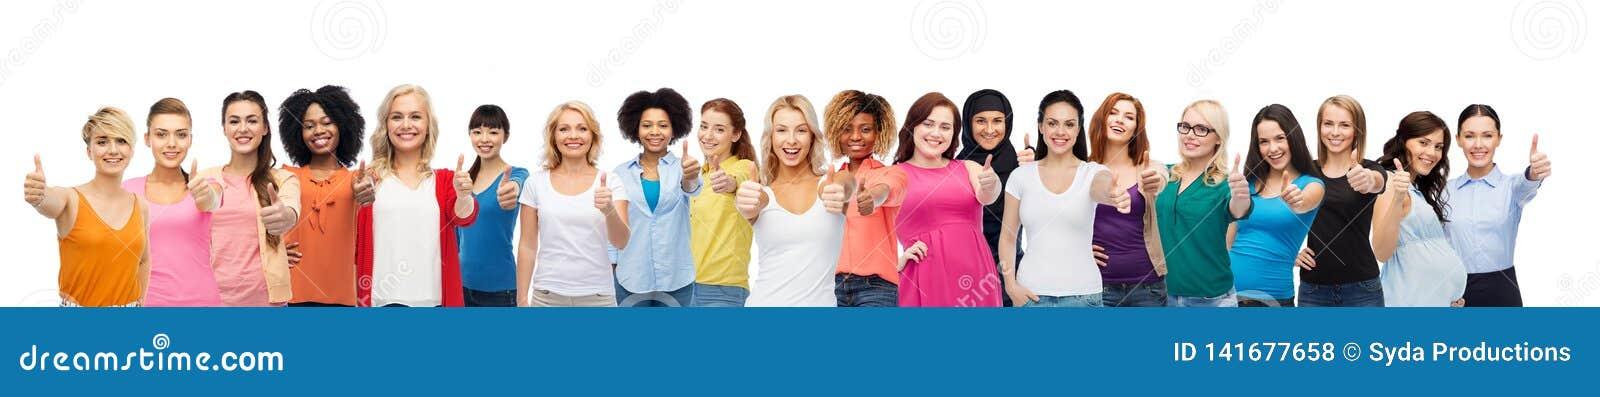 Internationell grupp av kvinnor som visar upp tummar